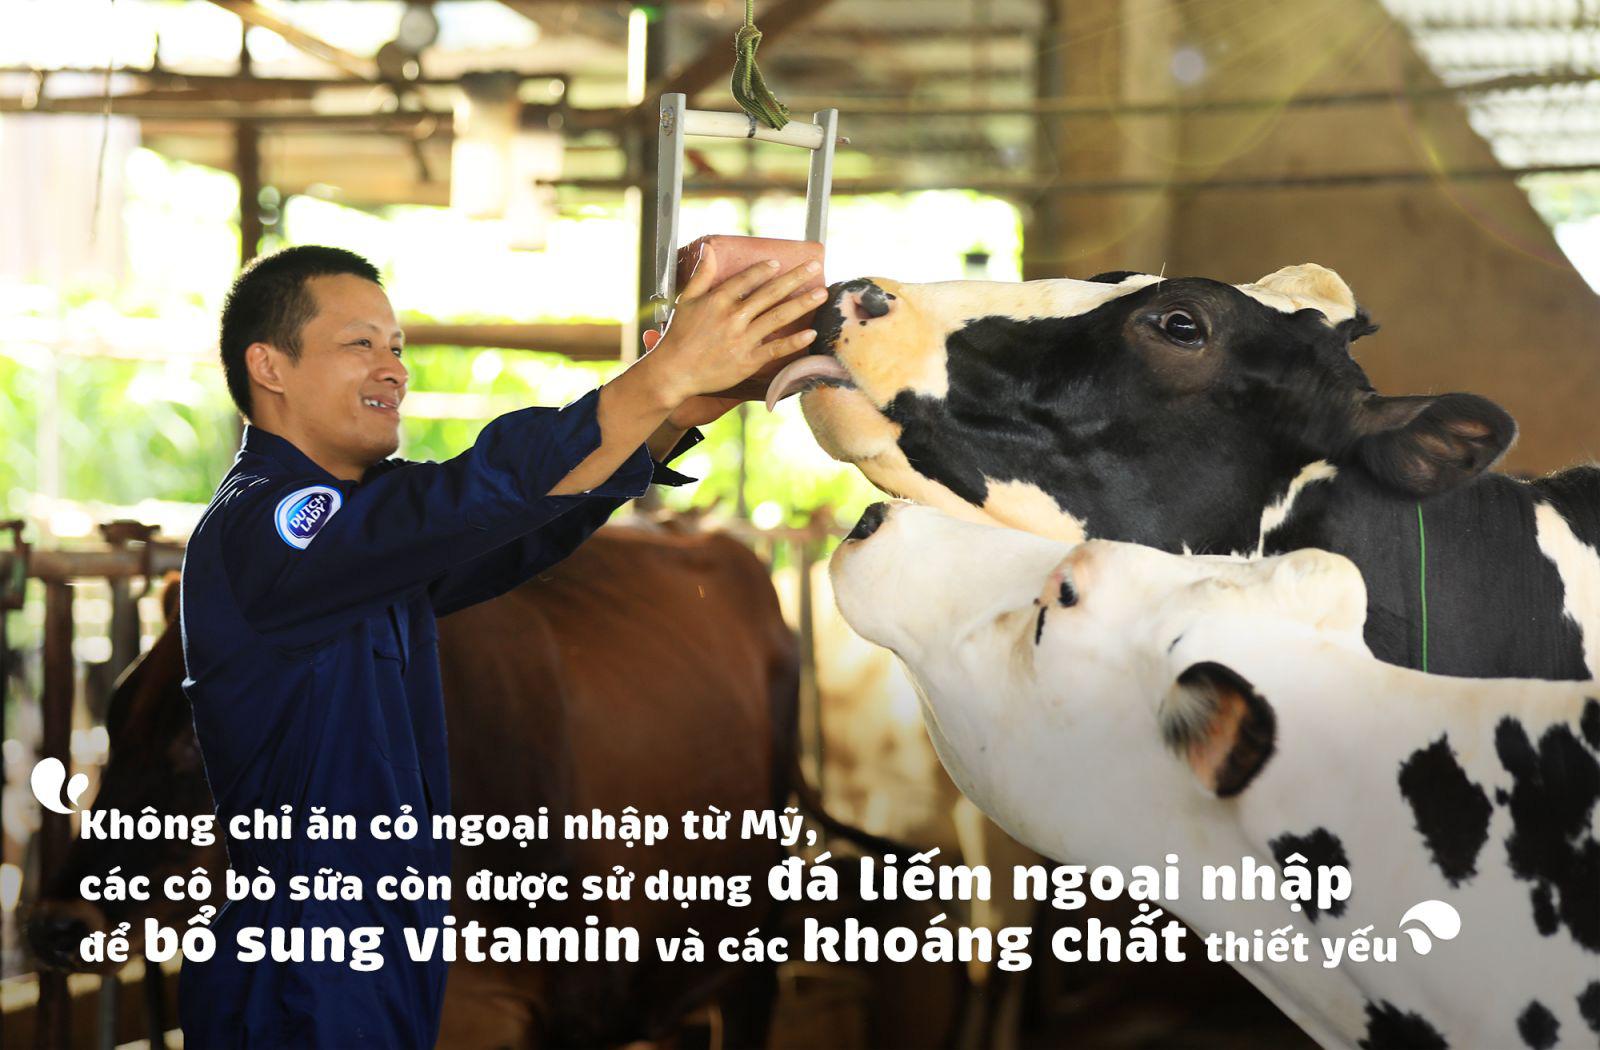 Theo chân nhiếp ảnh gia nổi tiếng: Bất ngờ trước nỗ lực sản xuất dòng sữa chuẩn Hà Lan của nhiều thế hệ nông dân Việt - Ảnh 4.